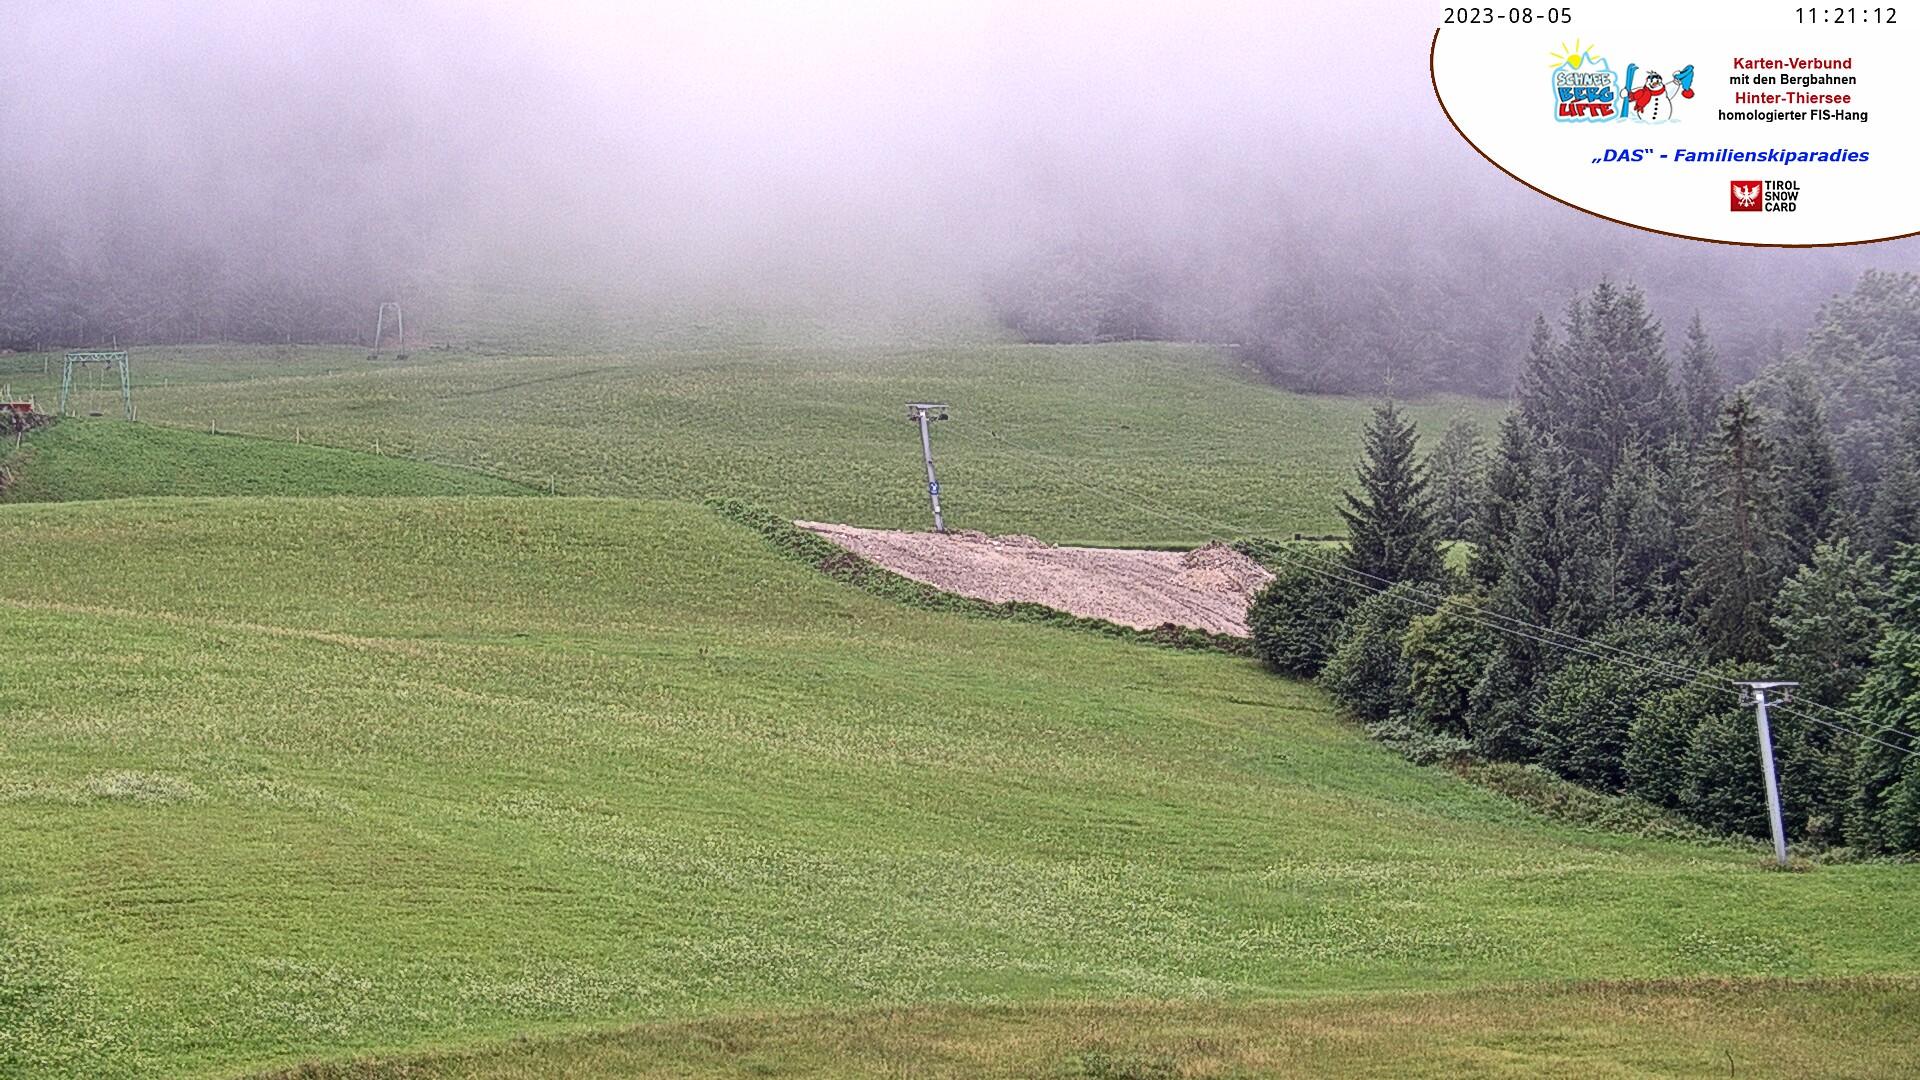 Webcam Tirol Austria Europe Ski area Wilder Kaiser Kufstein